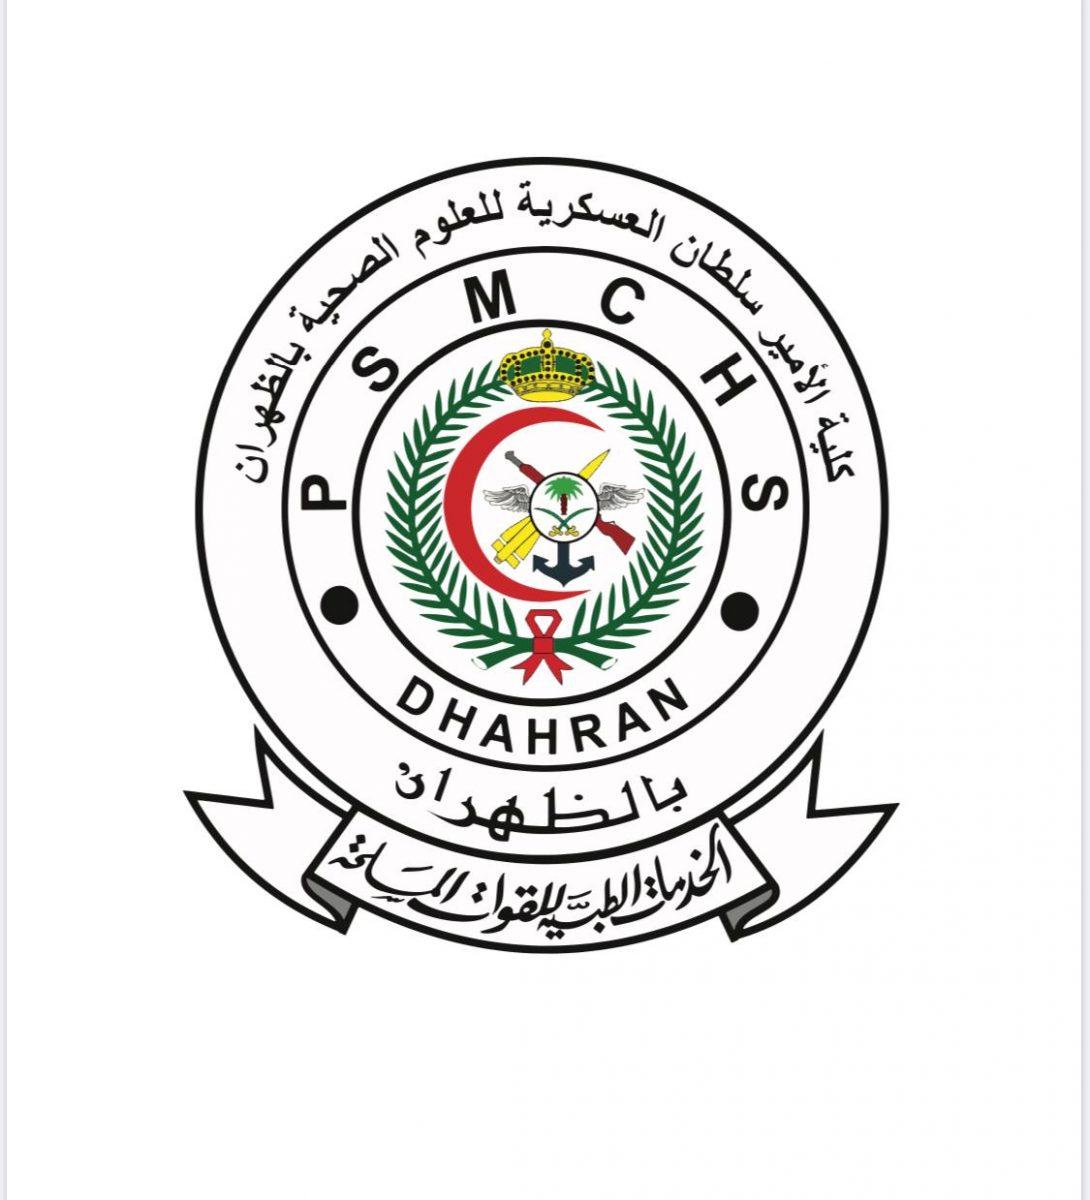 كلية الأمير سلطان العسكرية للعلوم الصحية .